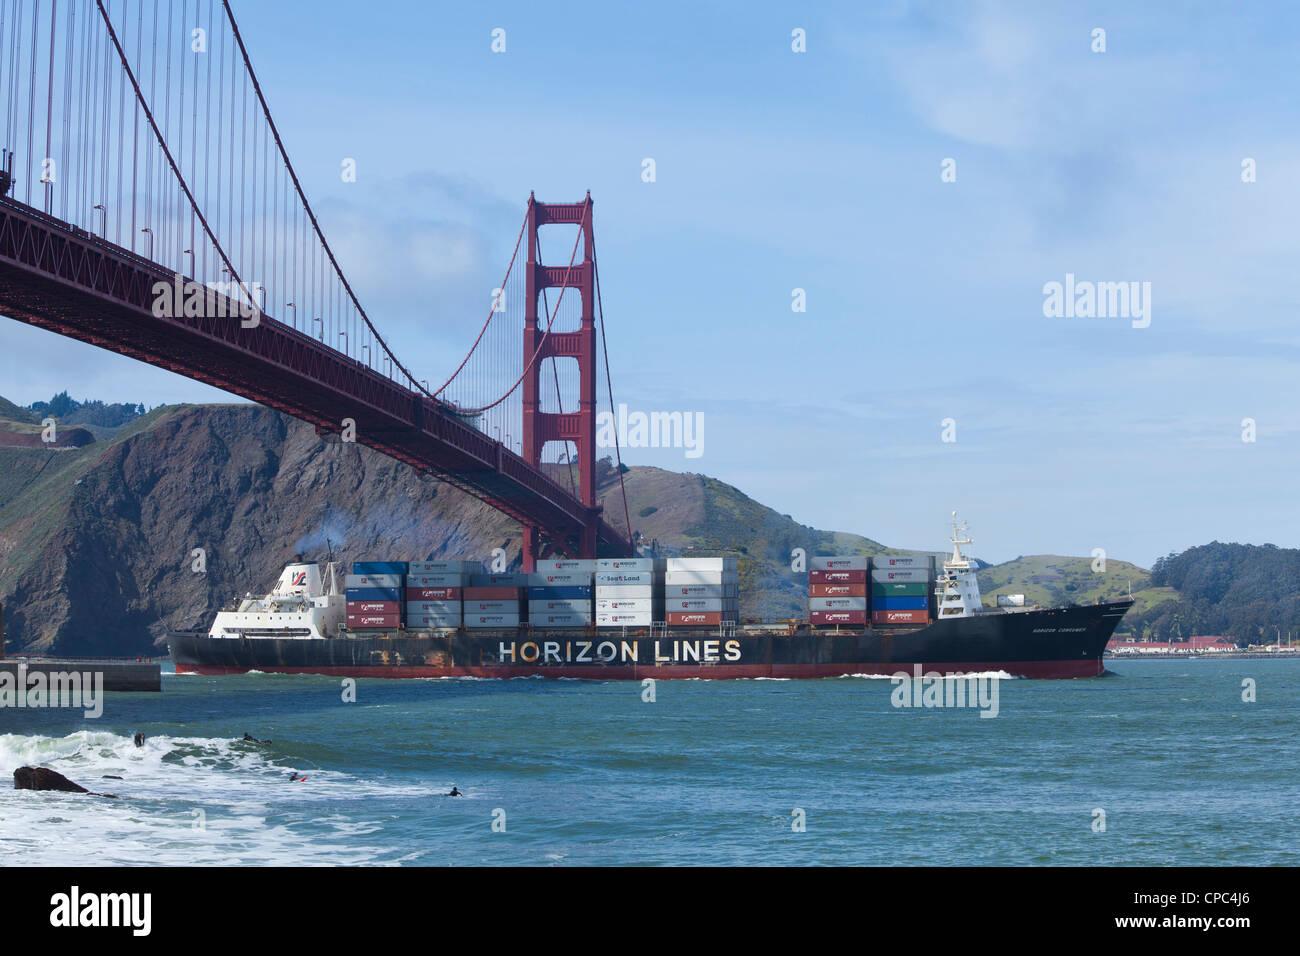 A Horizon Lines cargo ship entering the San Francisco bay - Stock Image